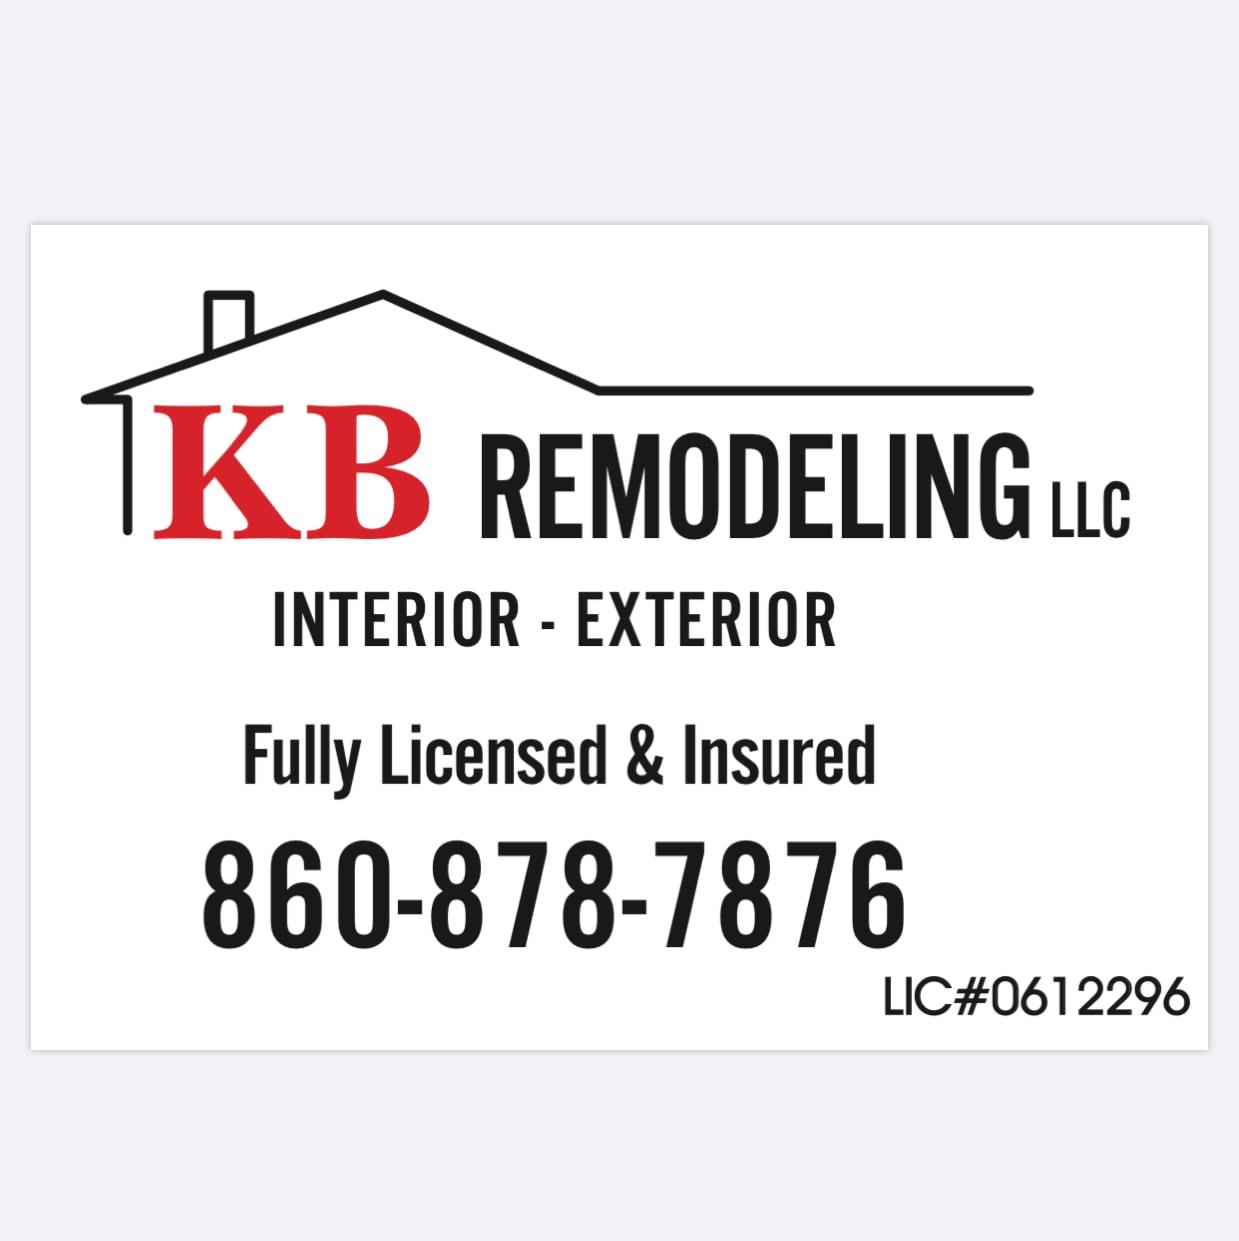 KB Remodeling, LLC